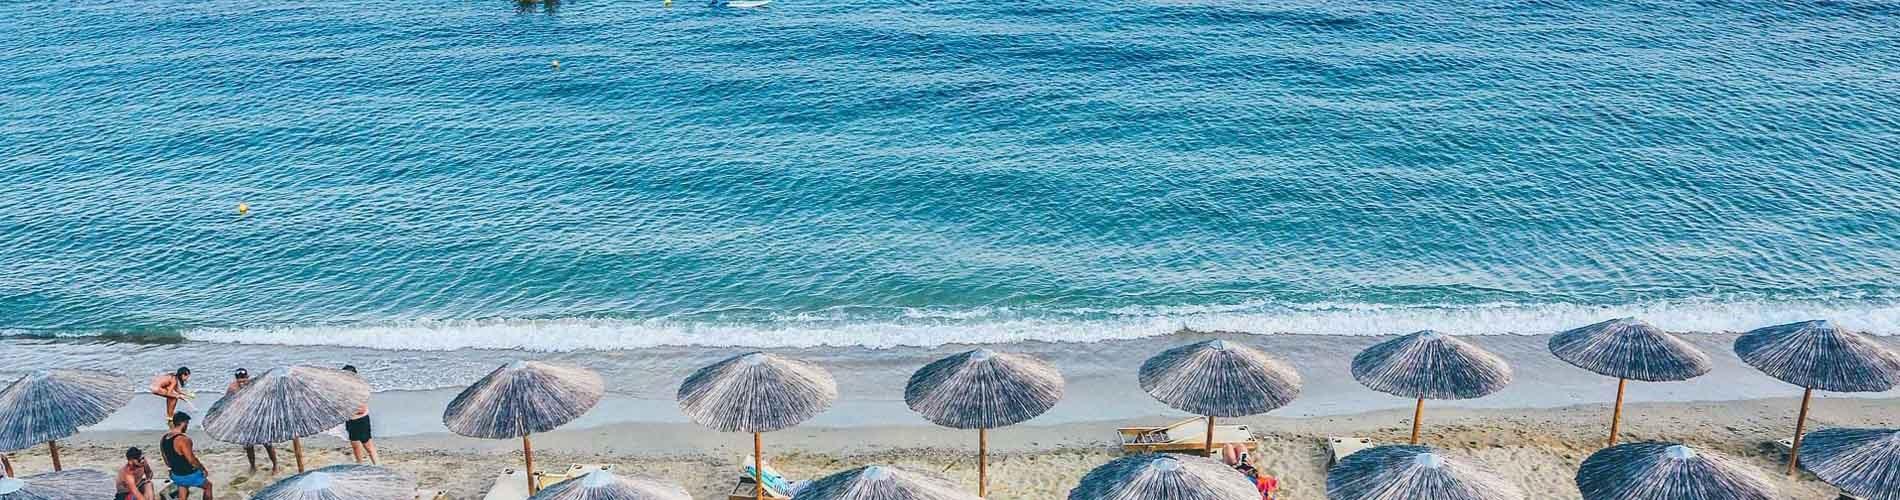 חוף ים בסביבת המלון